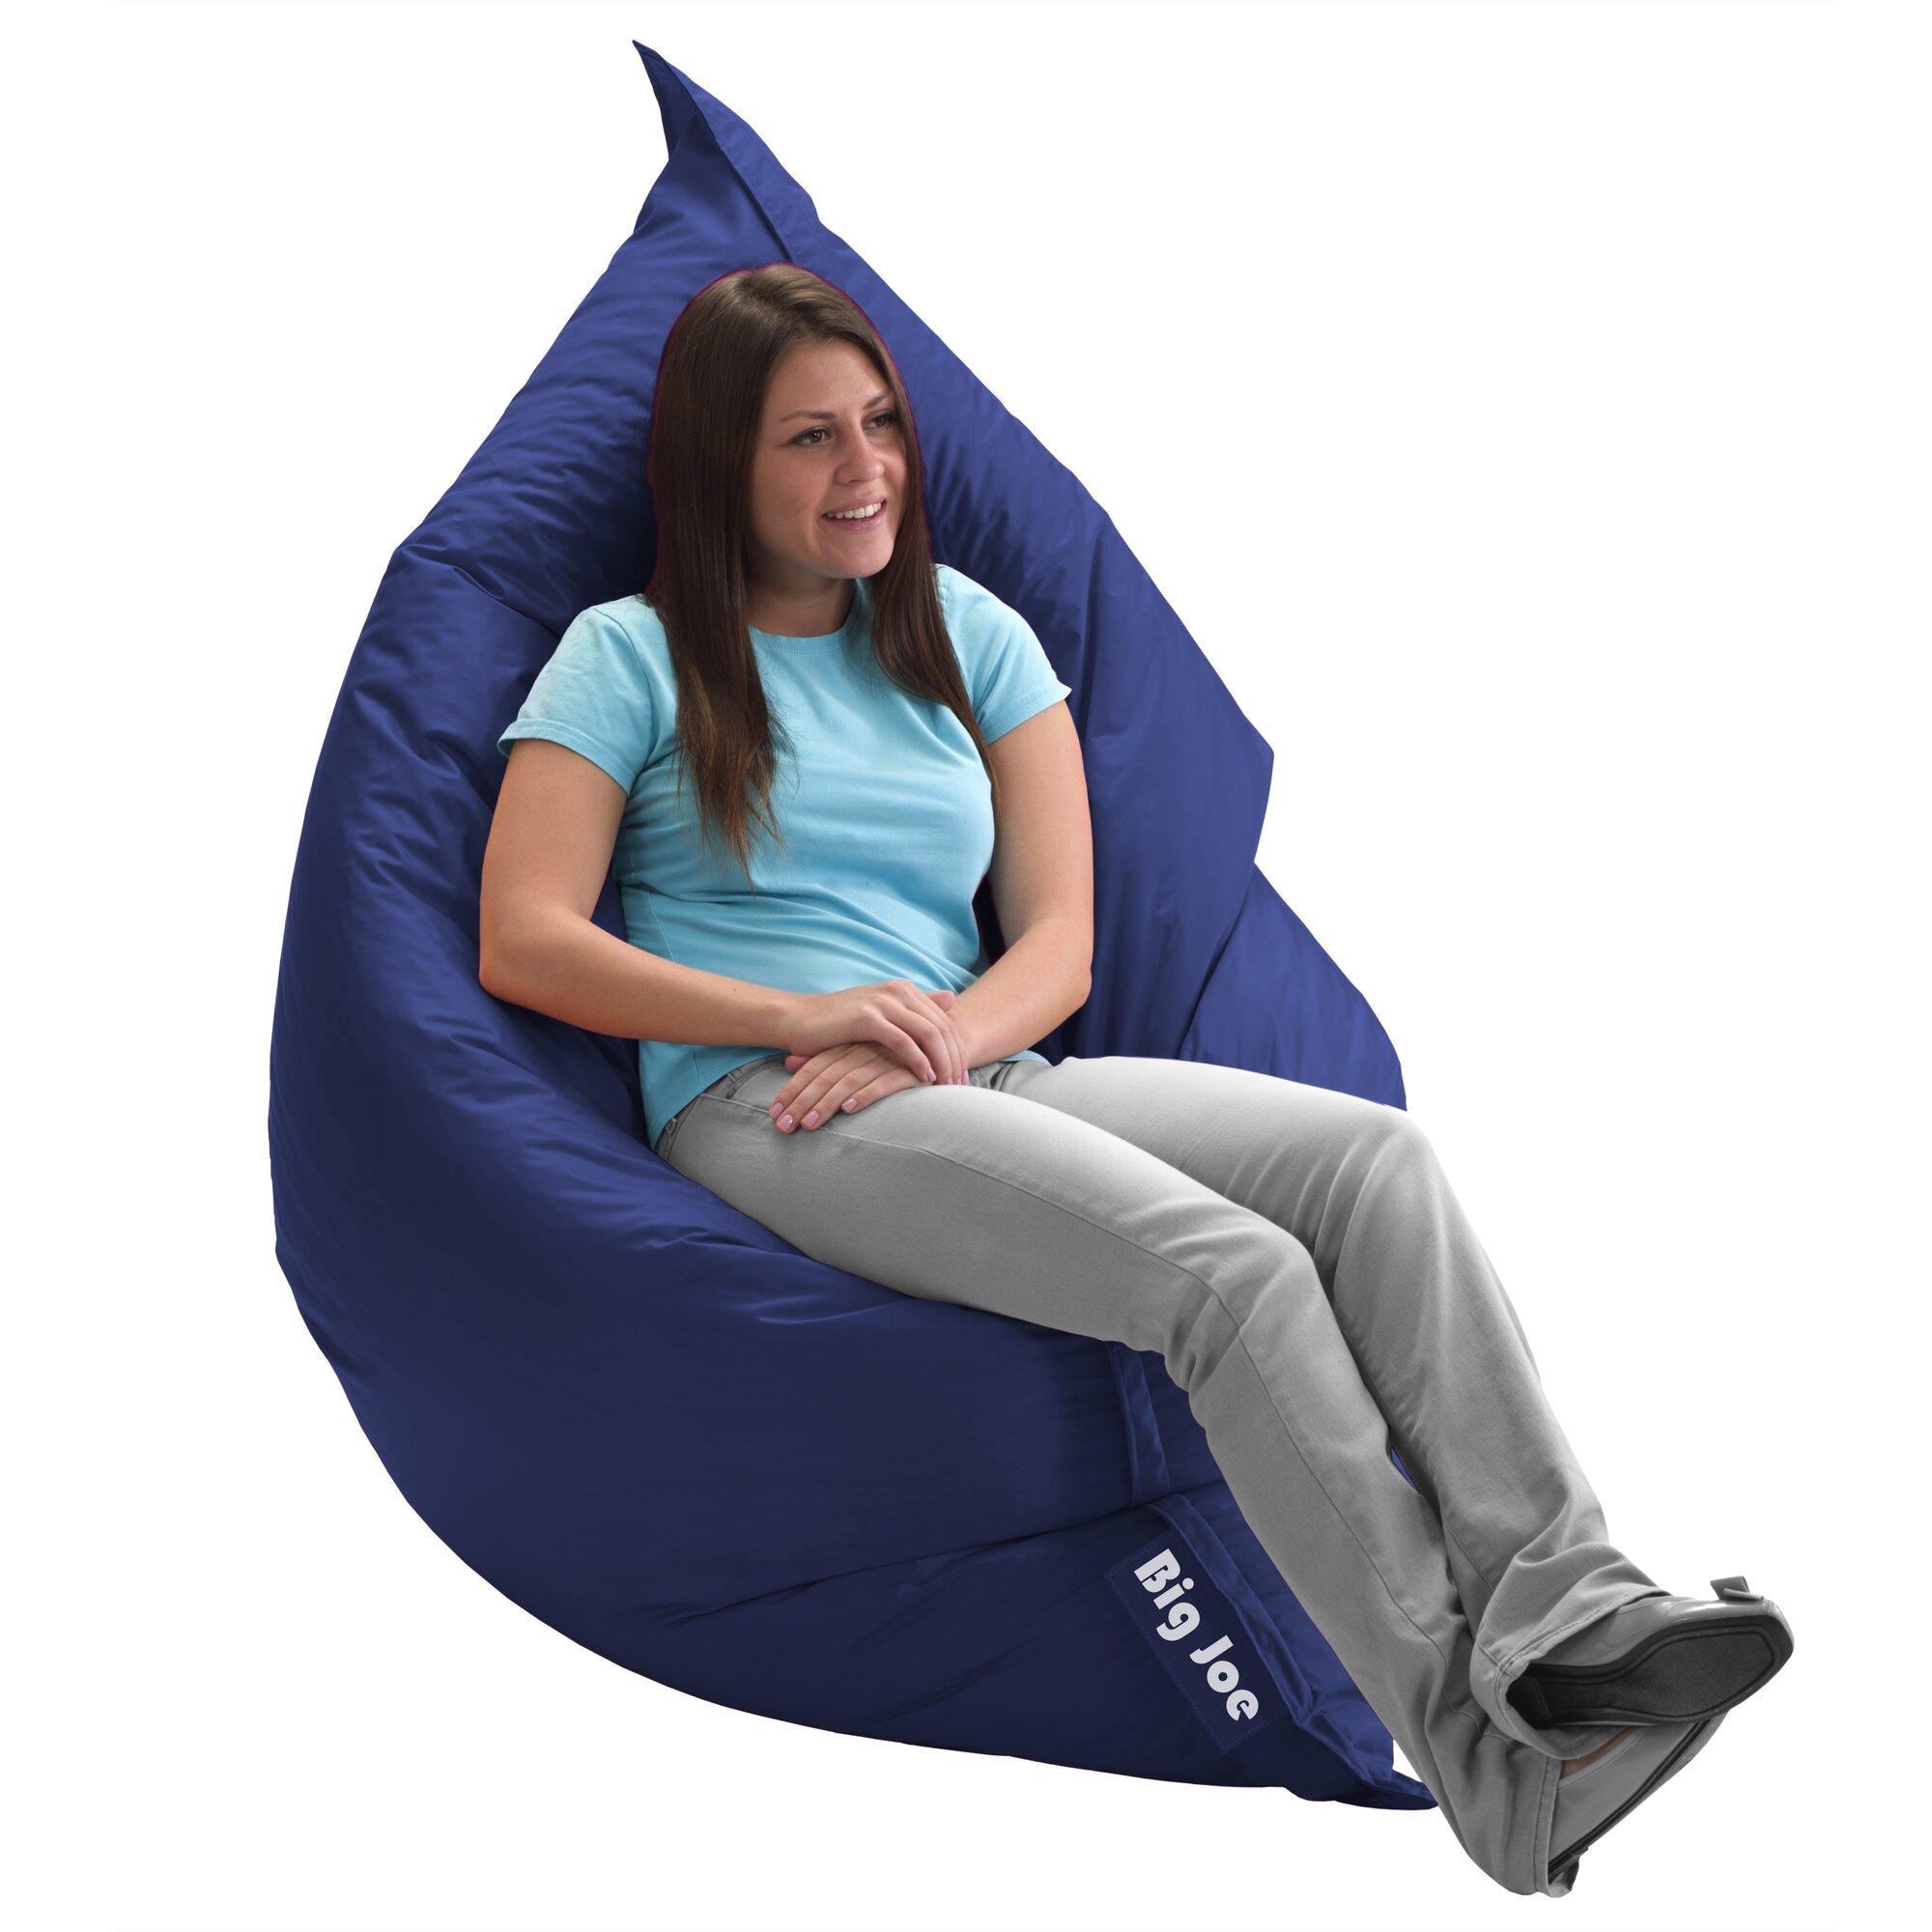 Big joe lumin chair - Big Joe Lumin Chair Multiple Colors Big Joe Bean Bag Chair